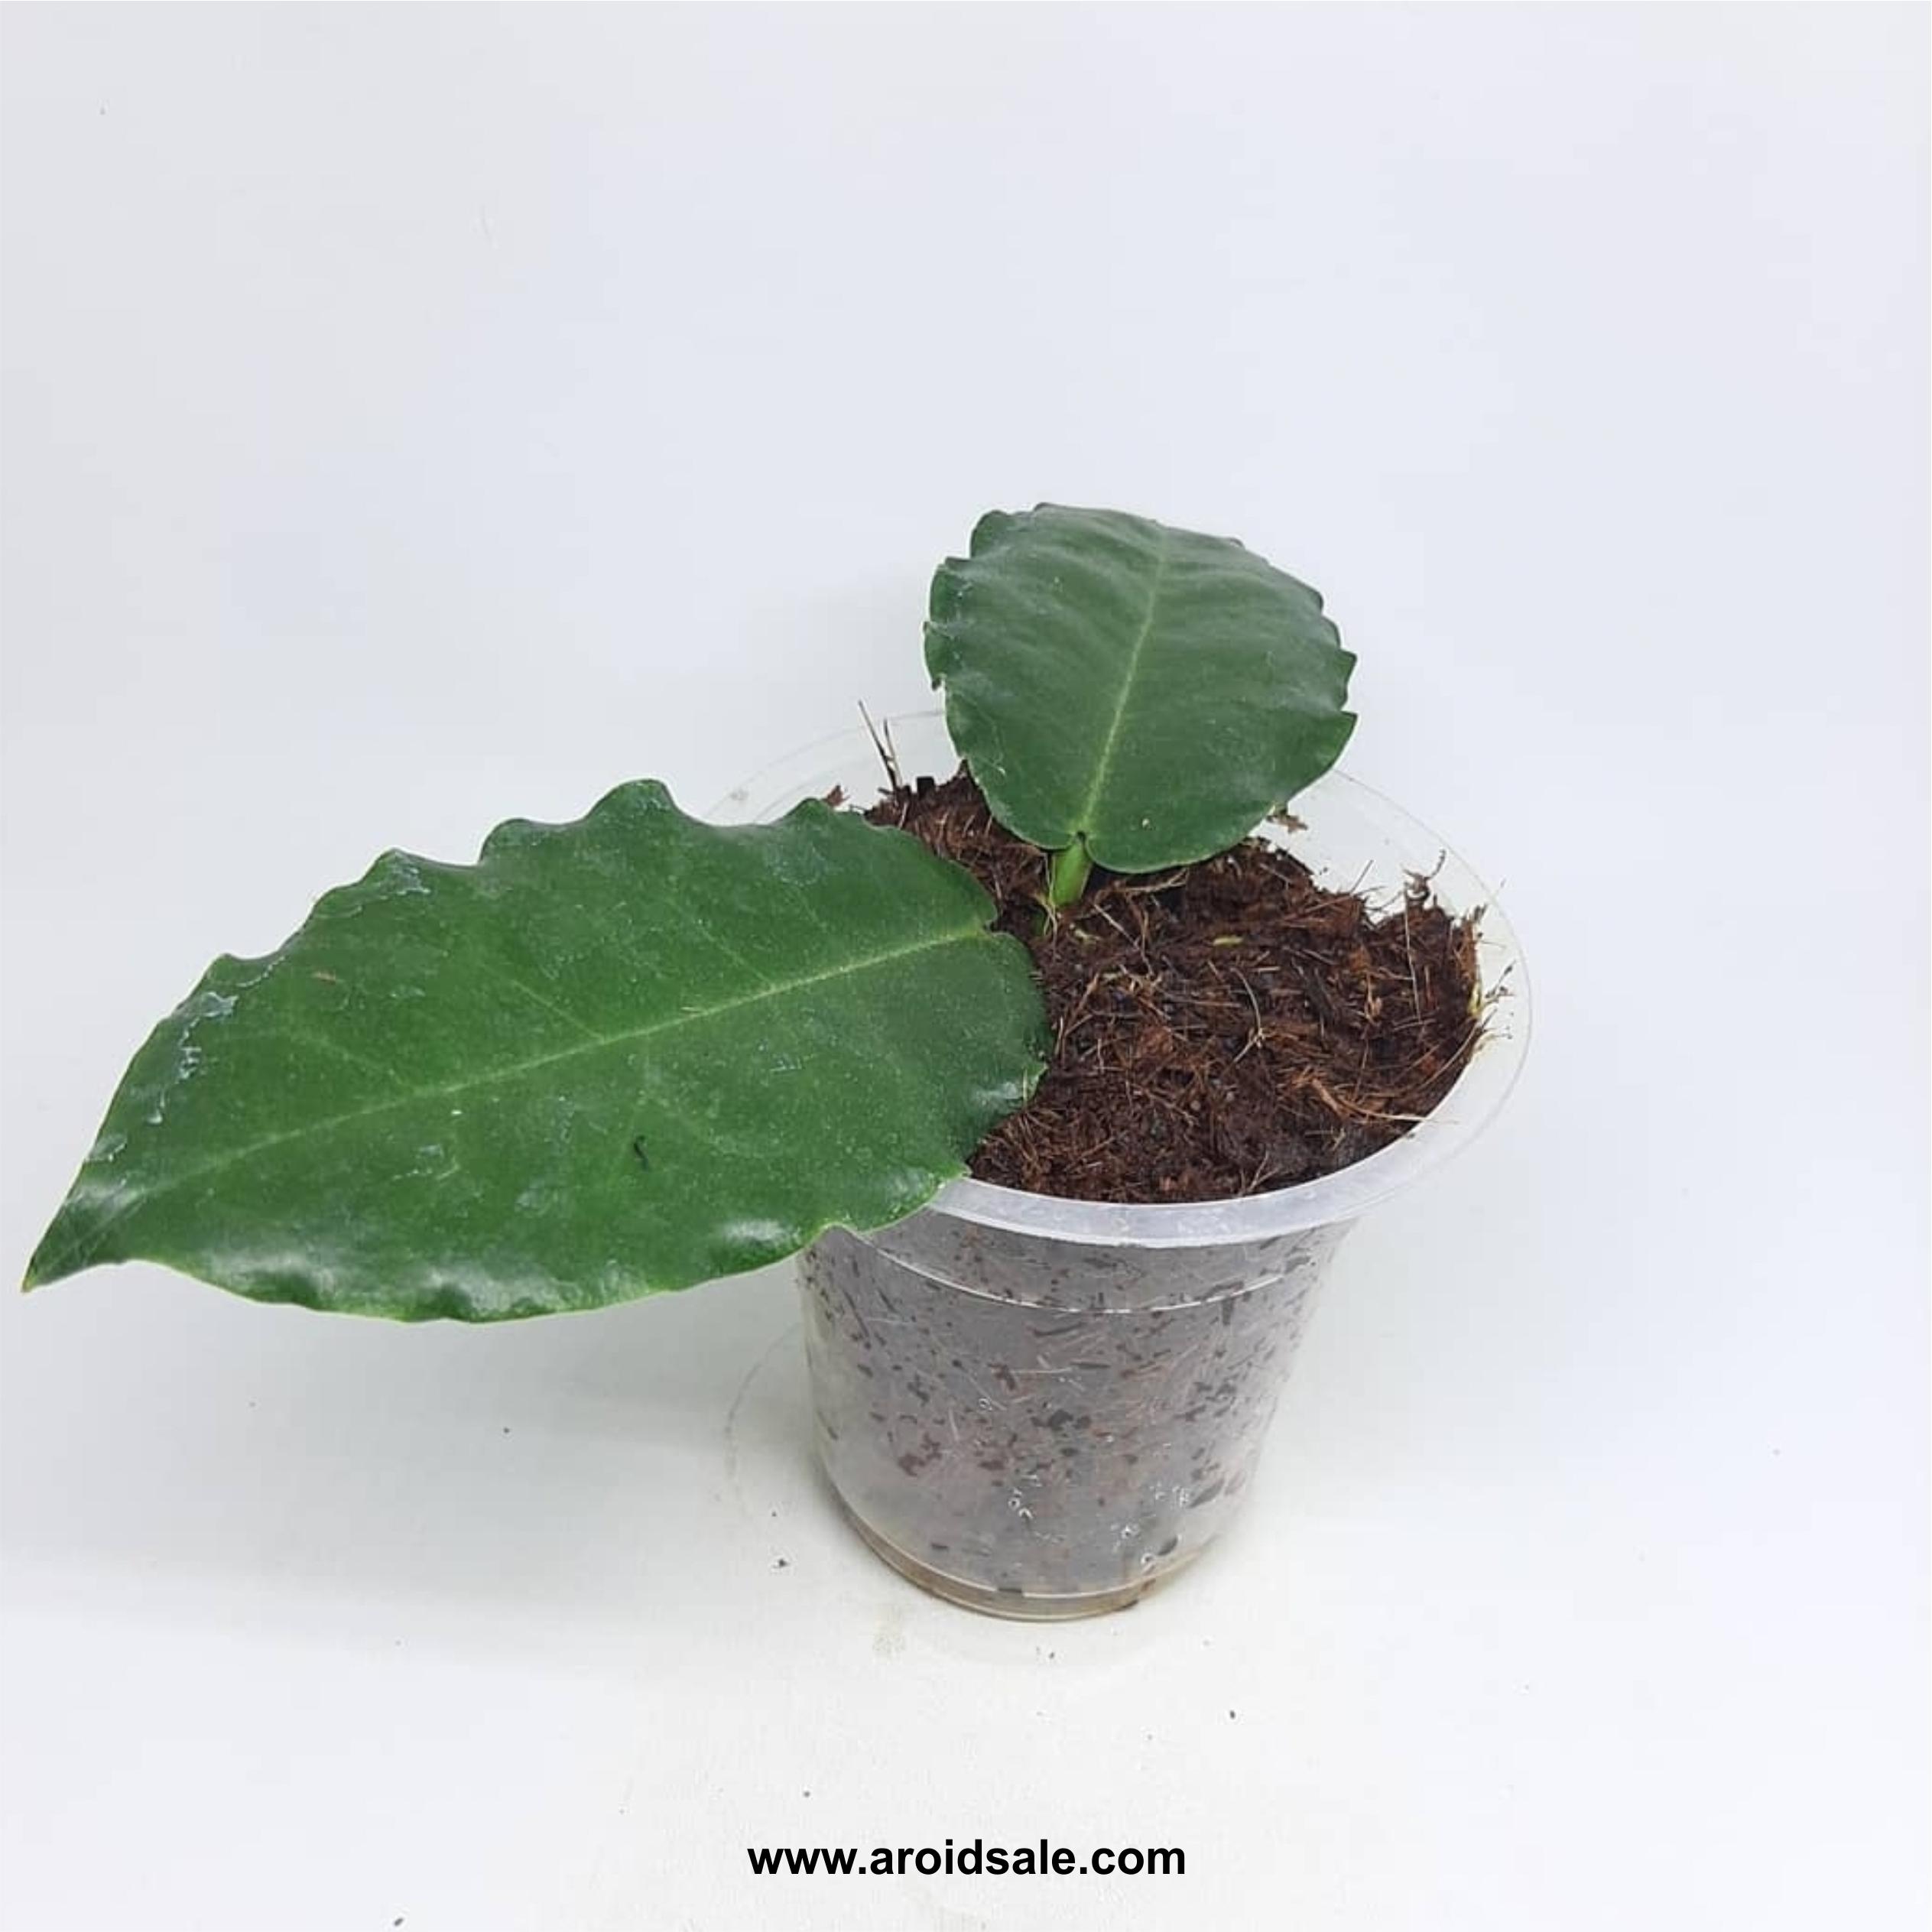 Hoya Verstegi Sp, plants seller, plants shop, plants store, for sale, wholesale, plants supplier, care